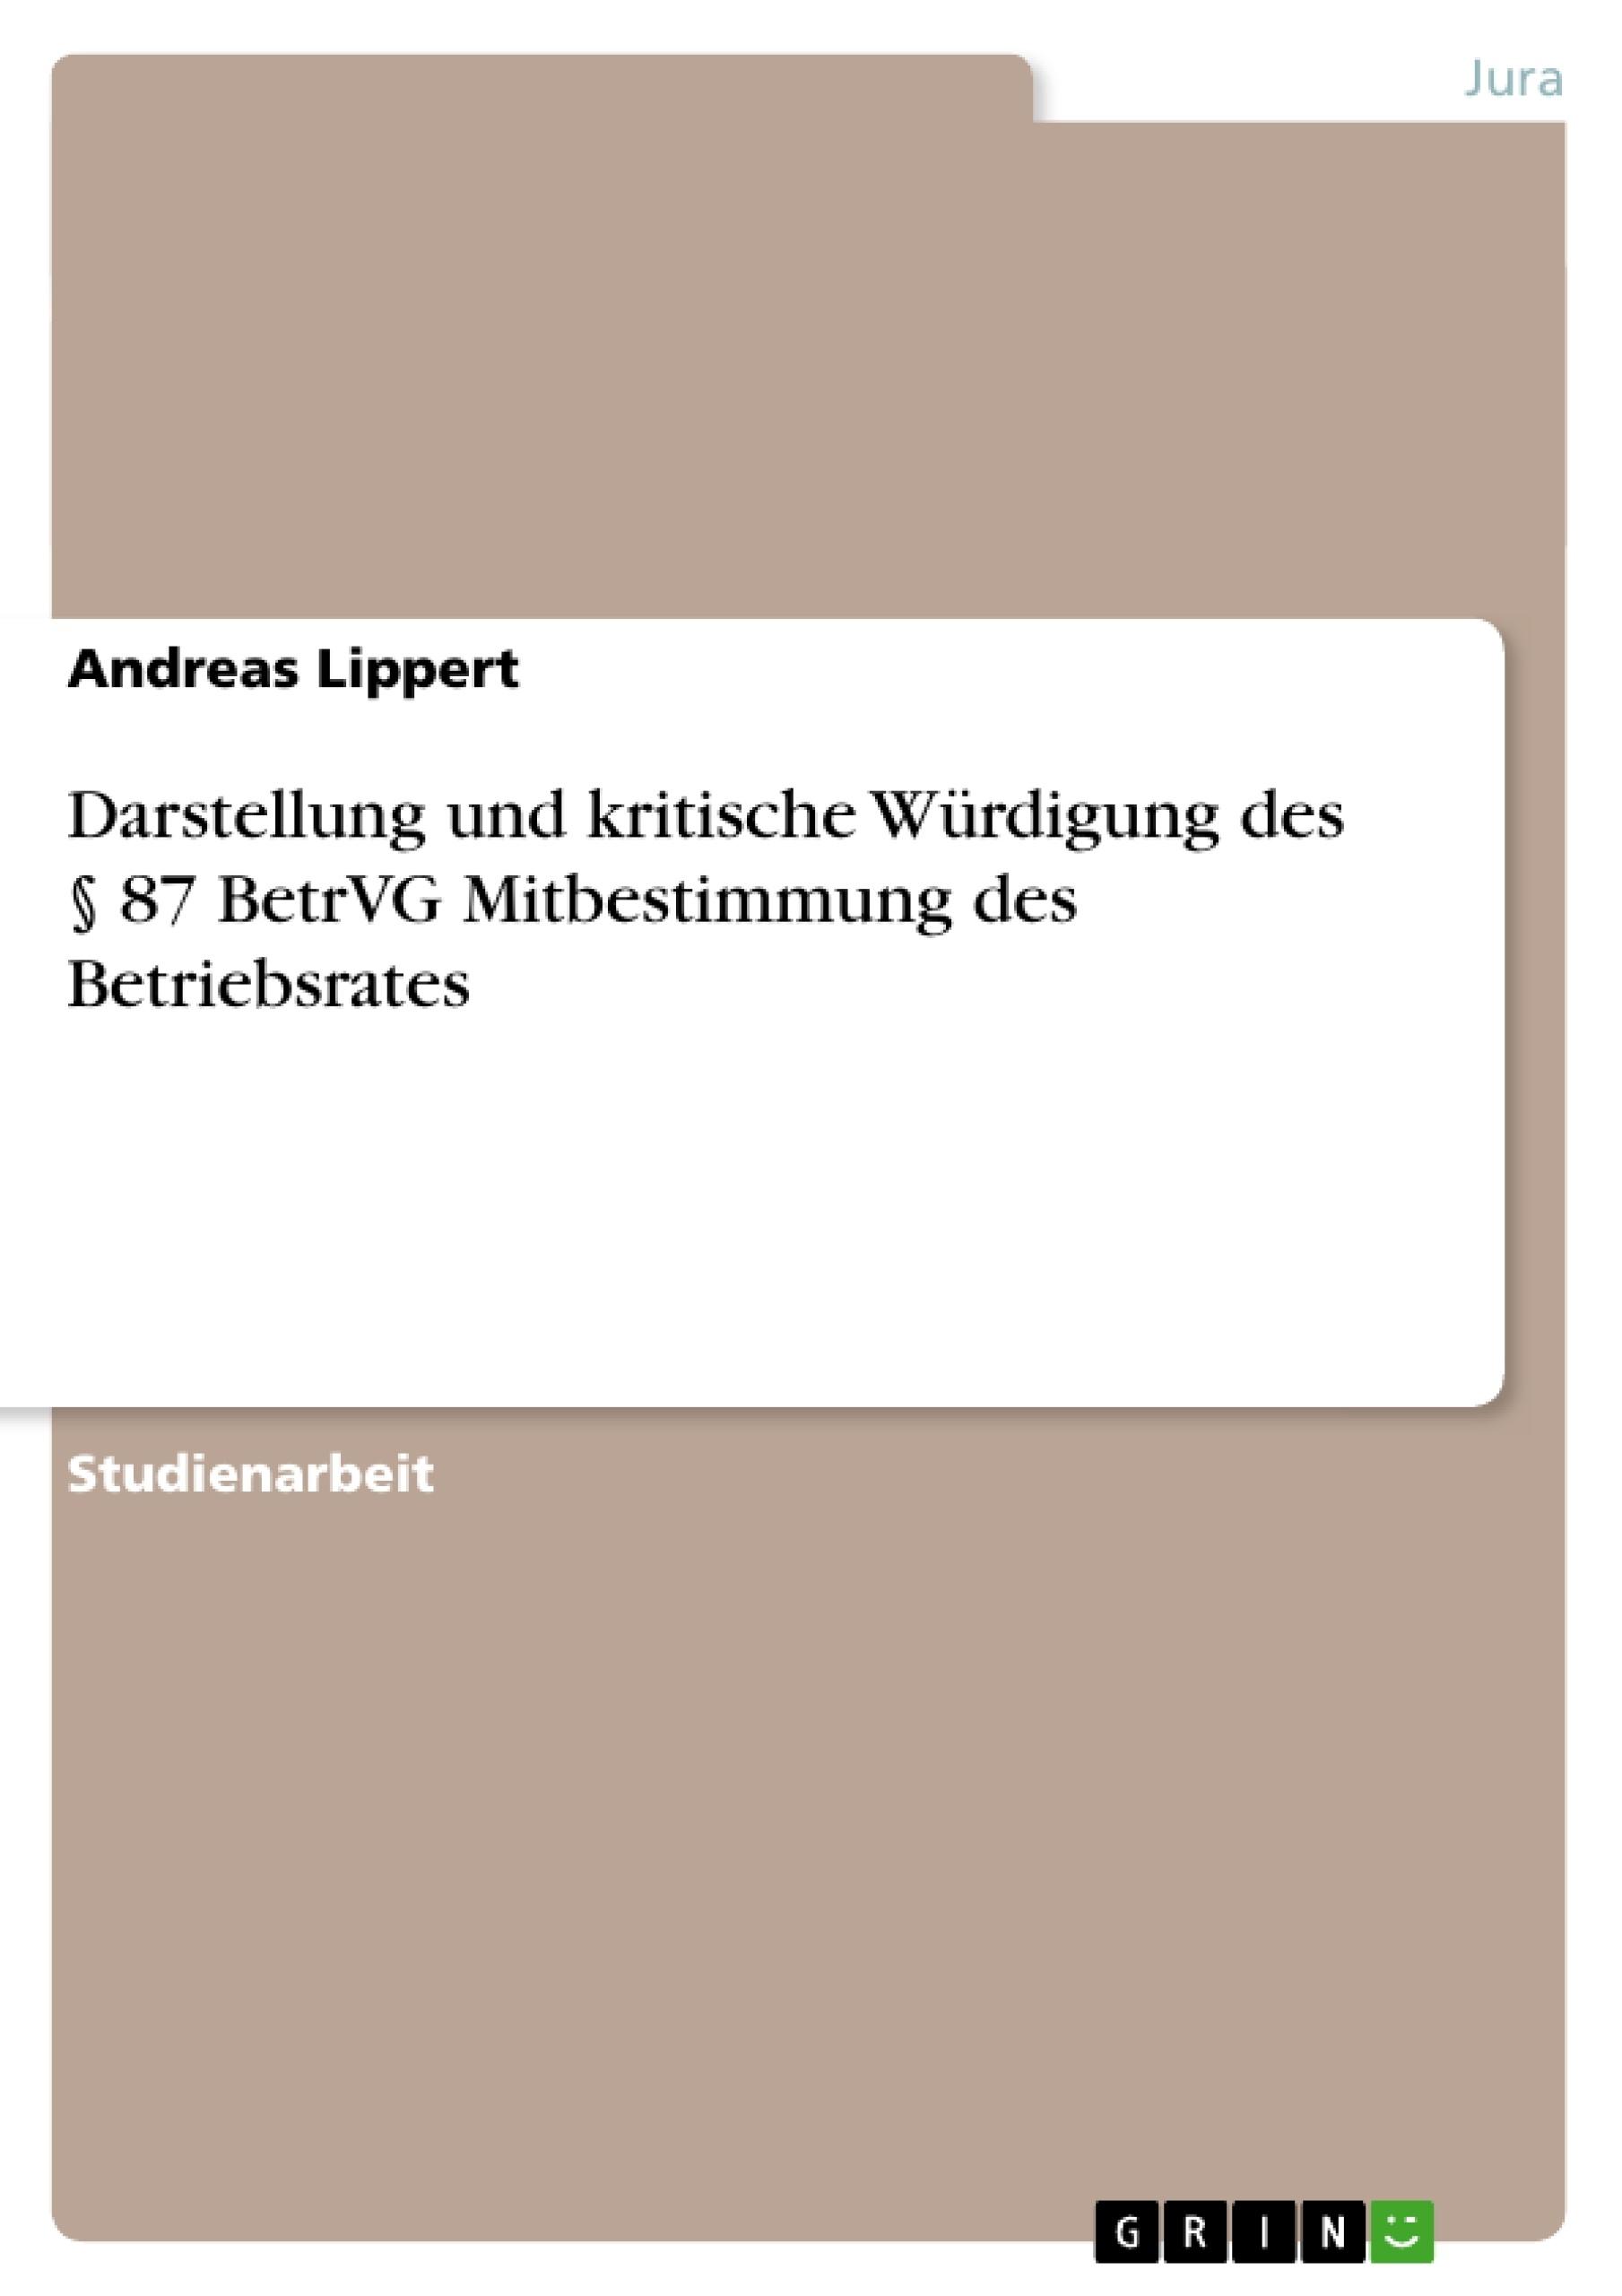 Titel: Darstellung und kritische Würdigung des § 87 BetrVG Mitbestimmung des Betriebsrates